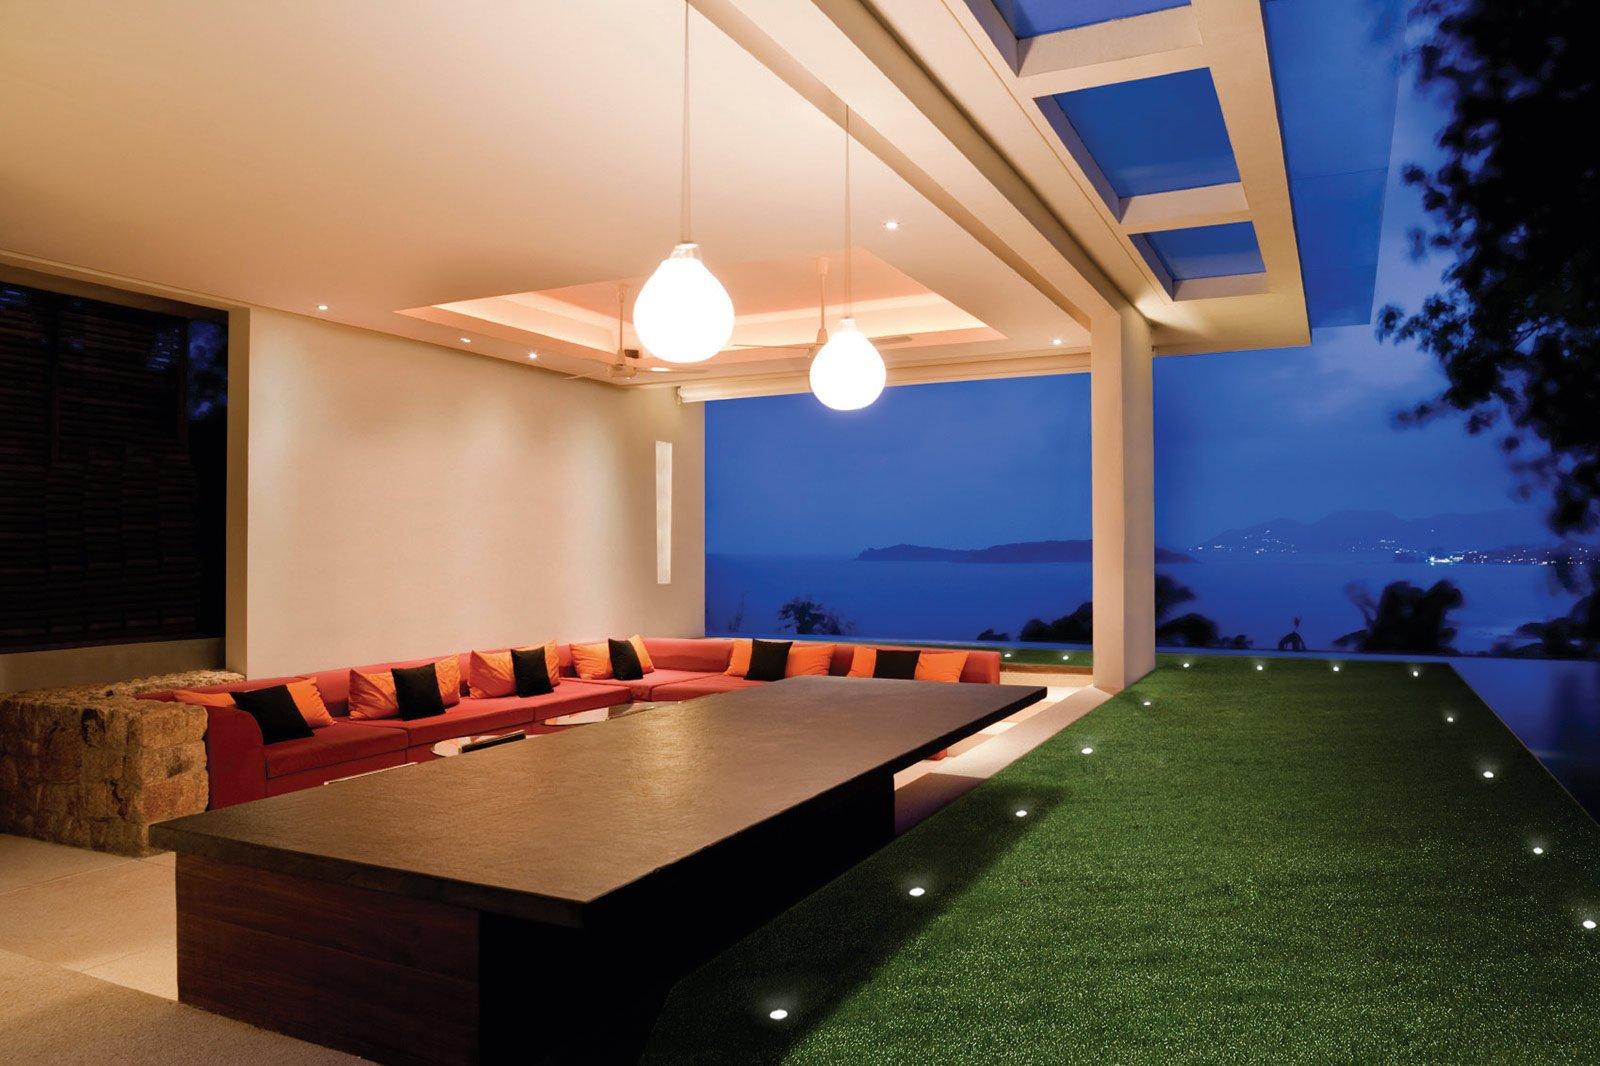 Un cappotto per l 39 edificio per proteggere da caldo e - Illuminazione per terrazzi ...